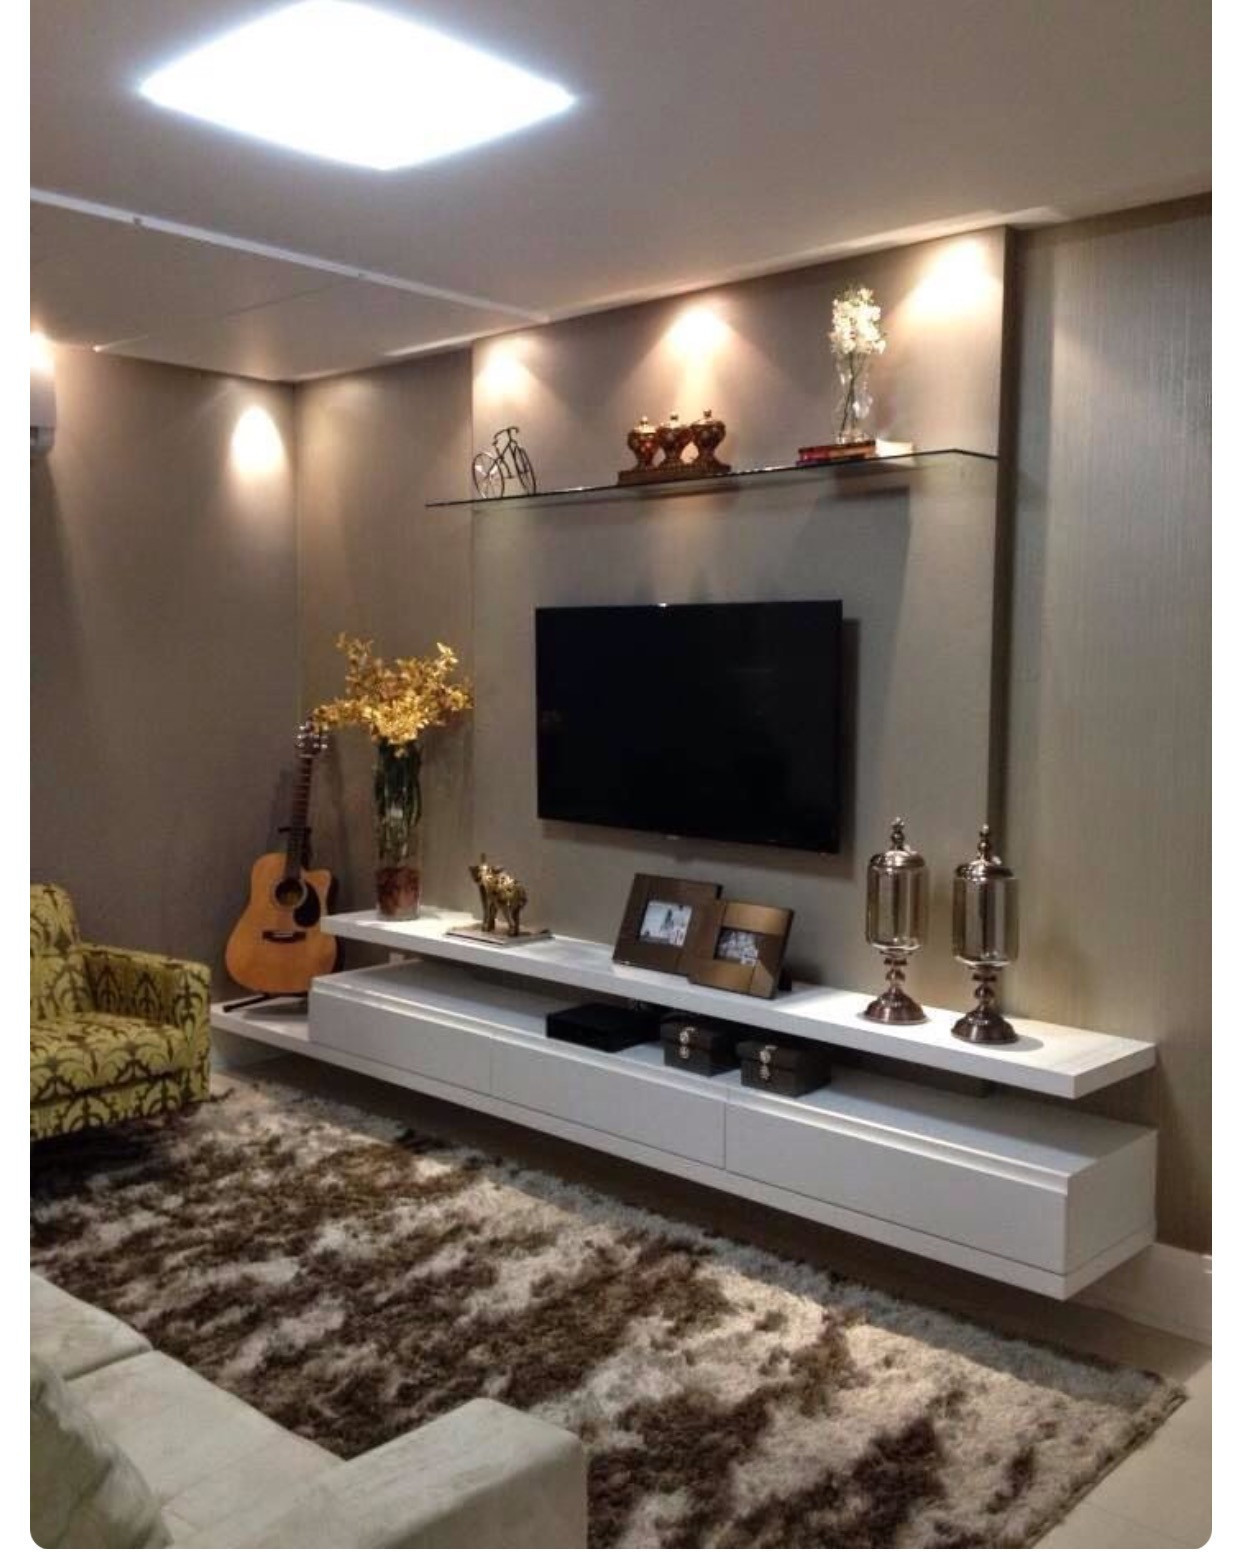 meuble pour salon meuble de salon design unique media cache ec0 pinimg 736x cd 0d 26 of meuble pour salon